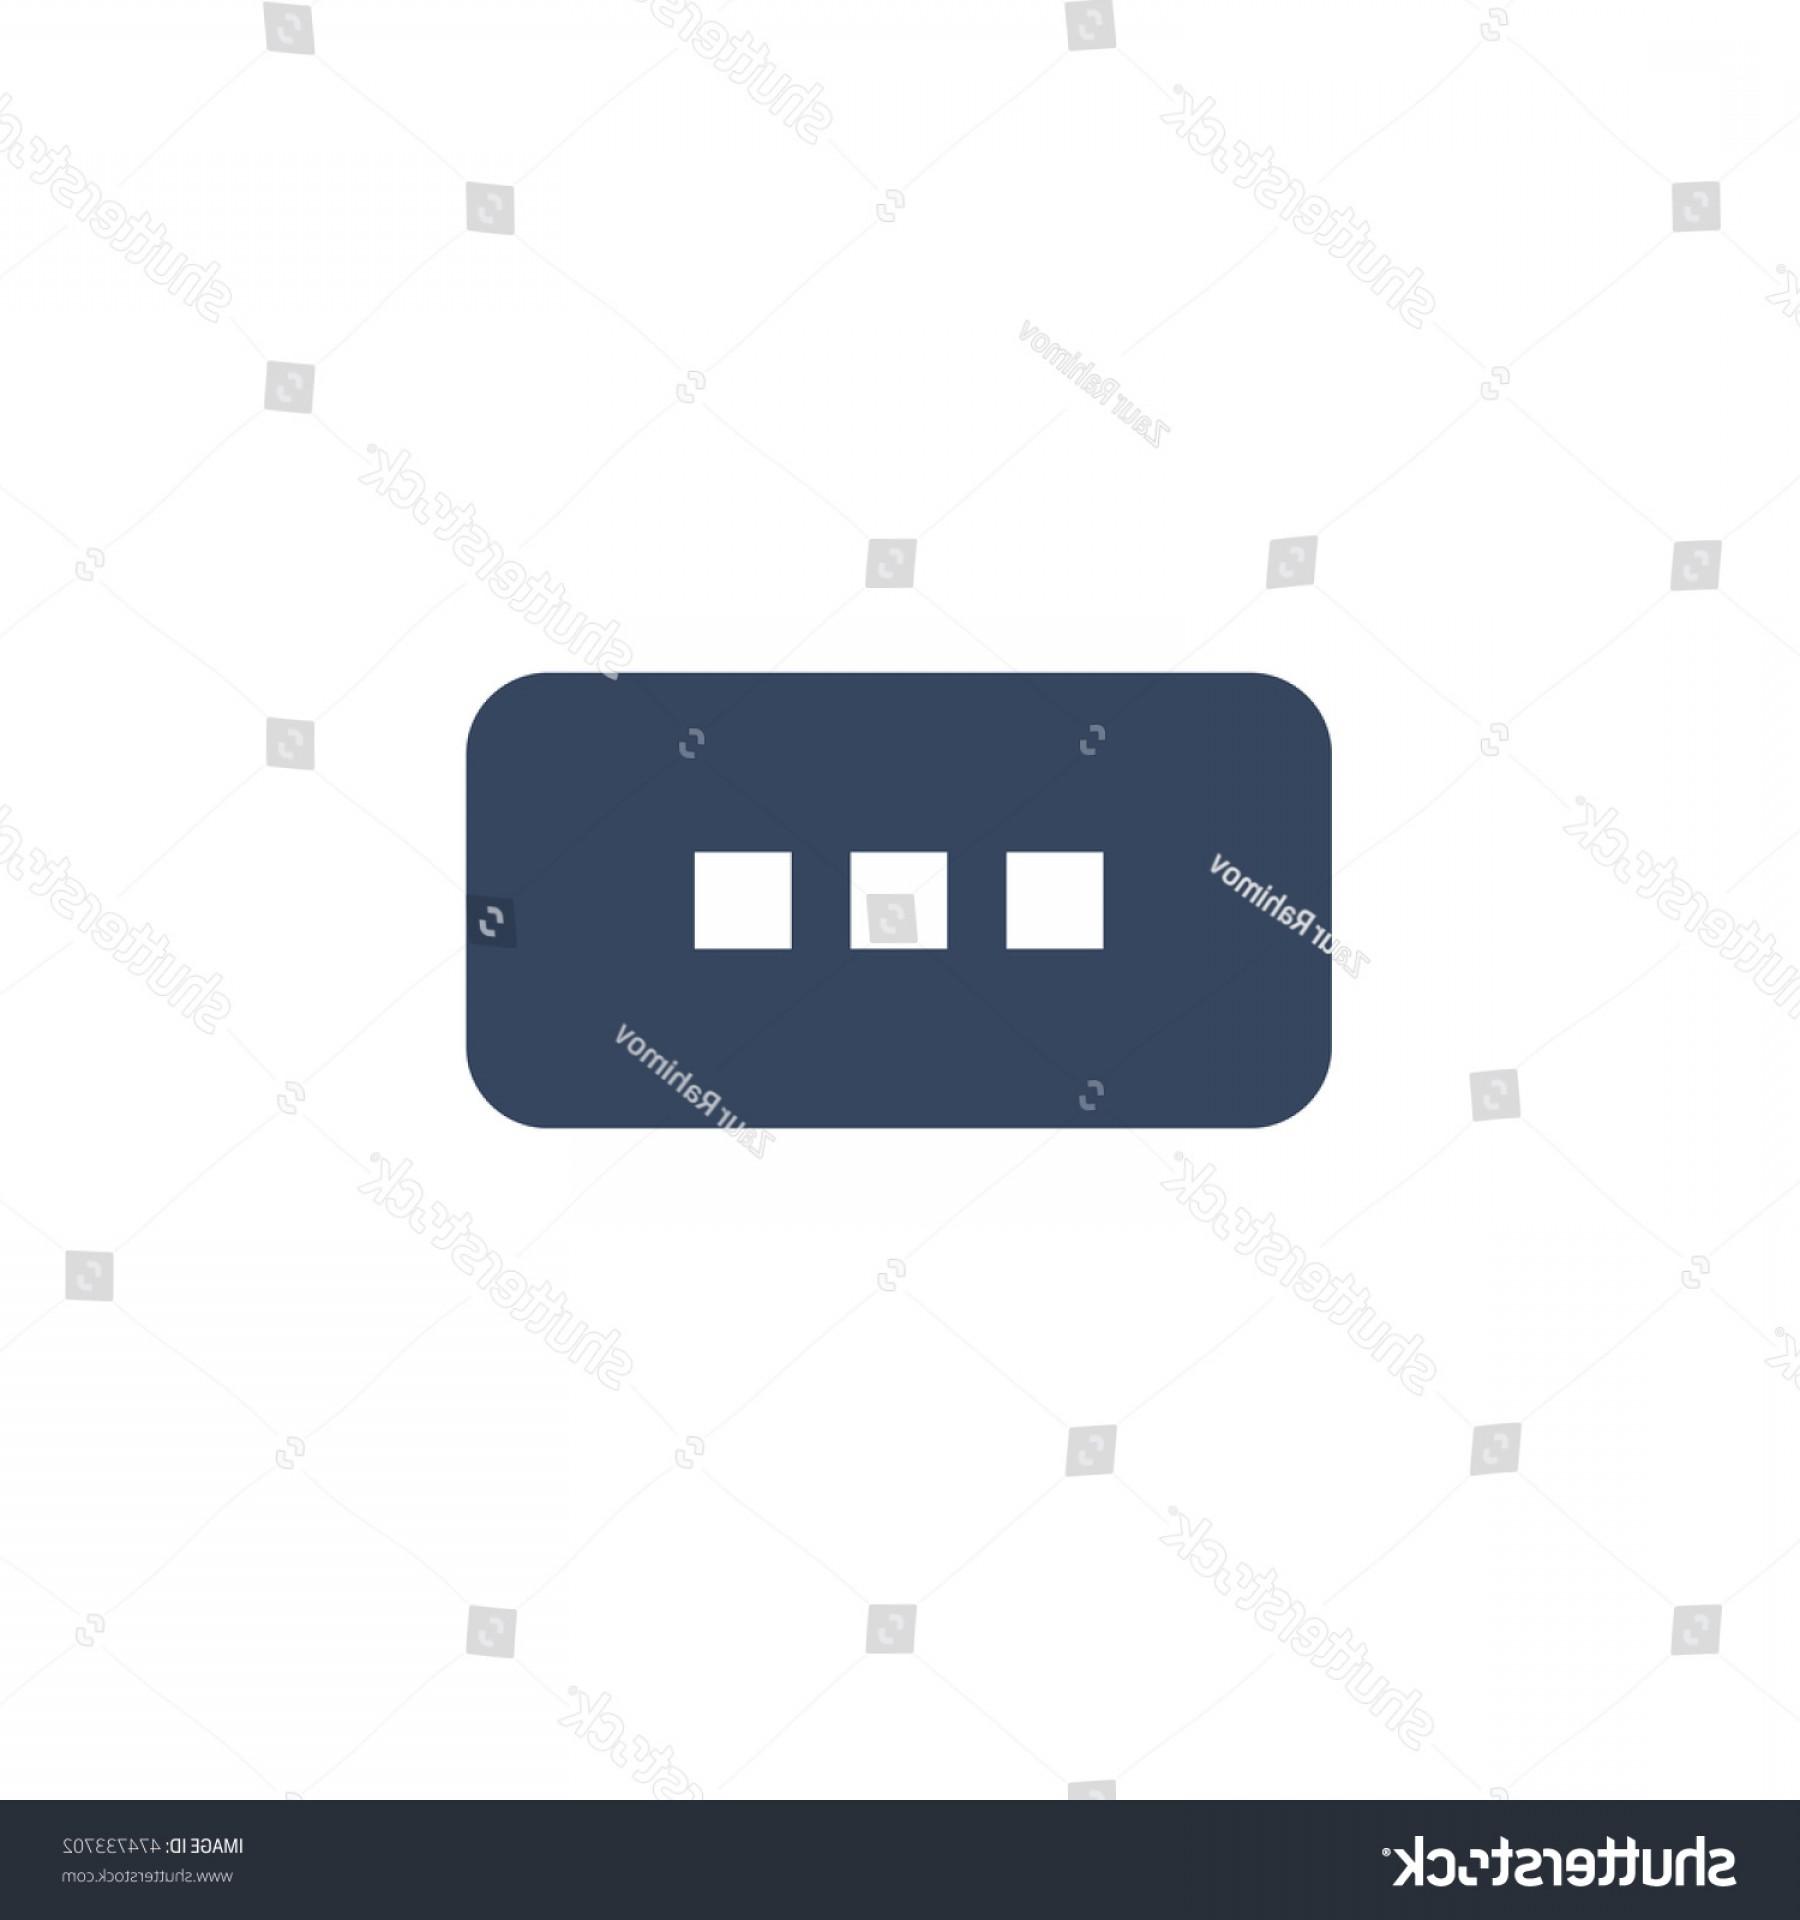 1800x1920 Tumblr Logo Vector Eps Shopatcloth